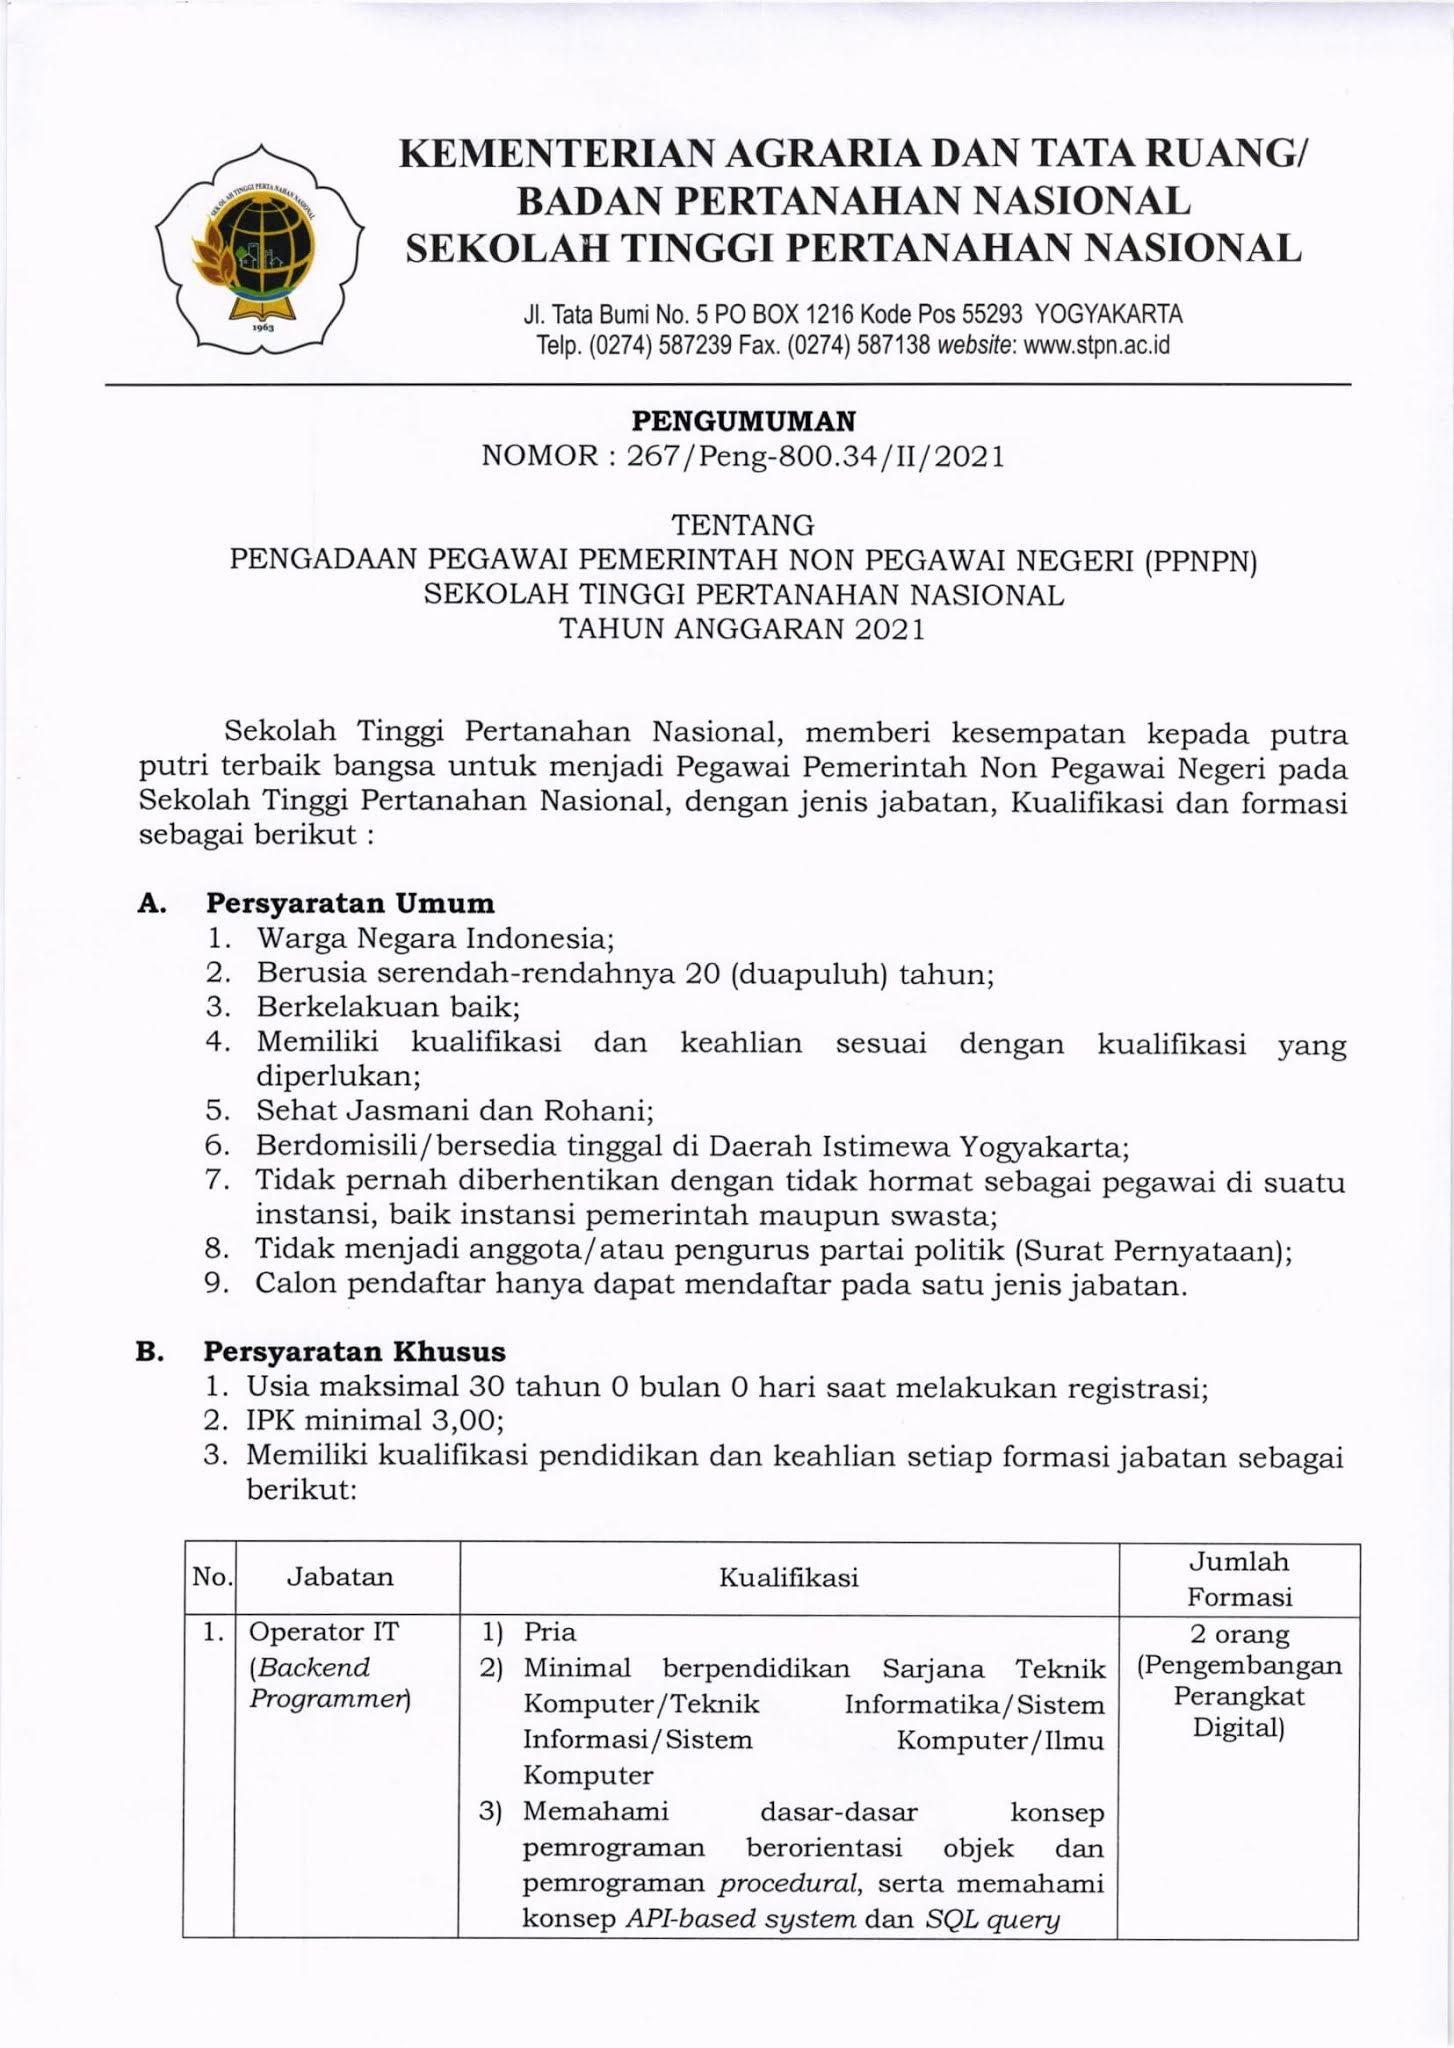 Lowongan Kerja Pegawai PPNPN STPN Kementerian Agraria dan Tata Ruang Tahun Anggaran 2021